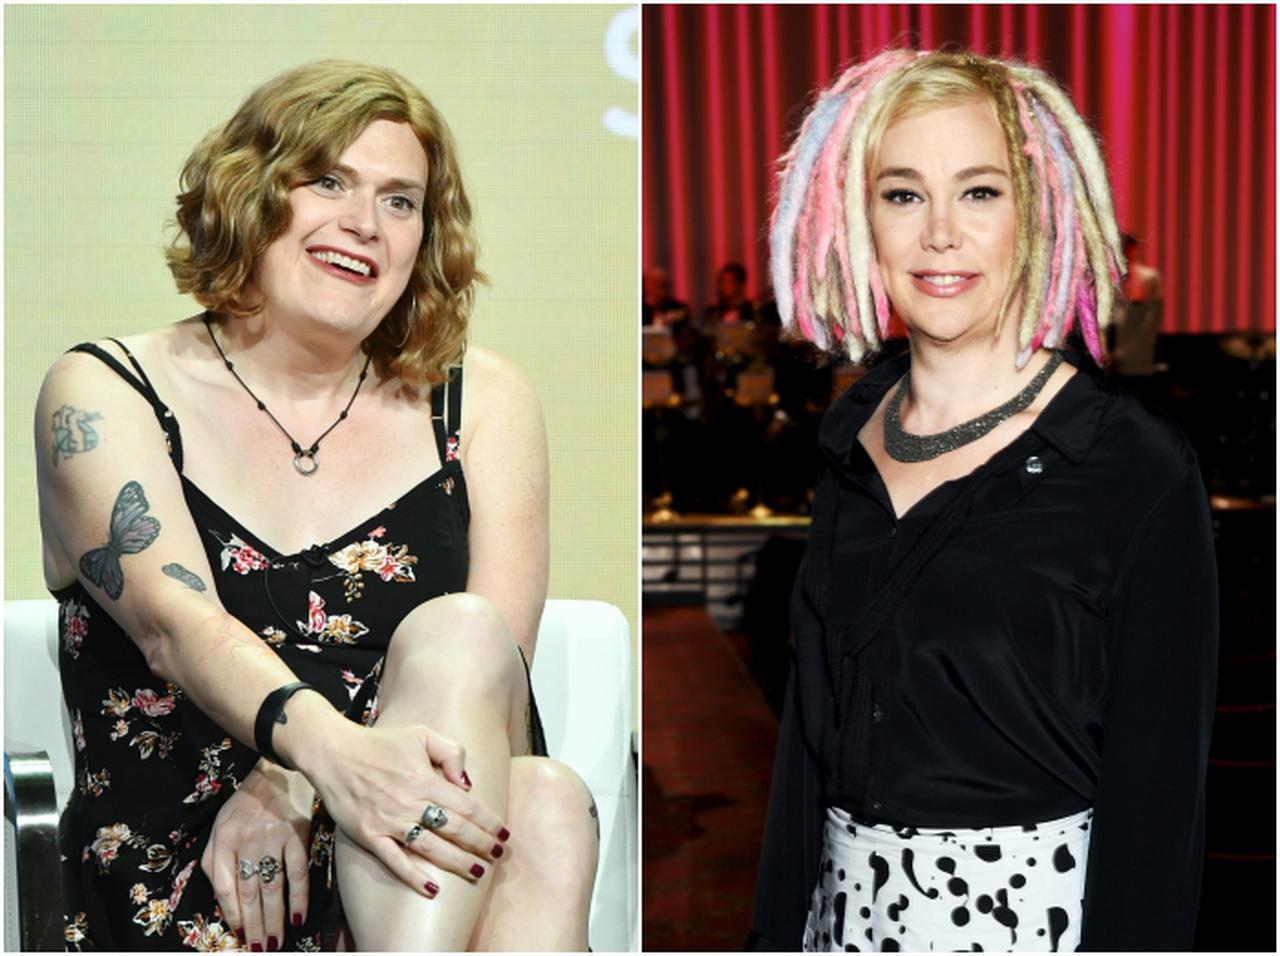 画像: リリー・ウォシャウスキー(左)、ラナ・ウォシャウスキー(右)